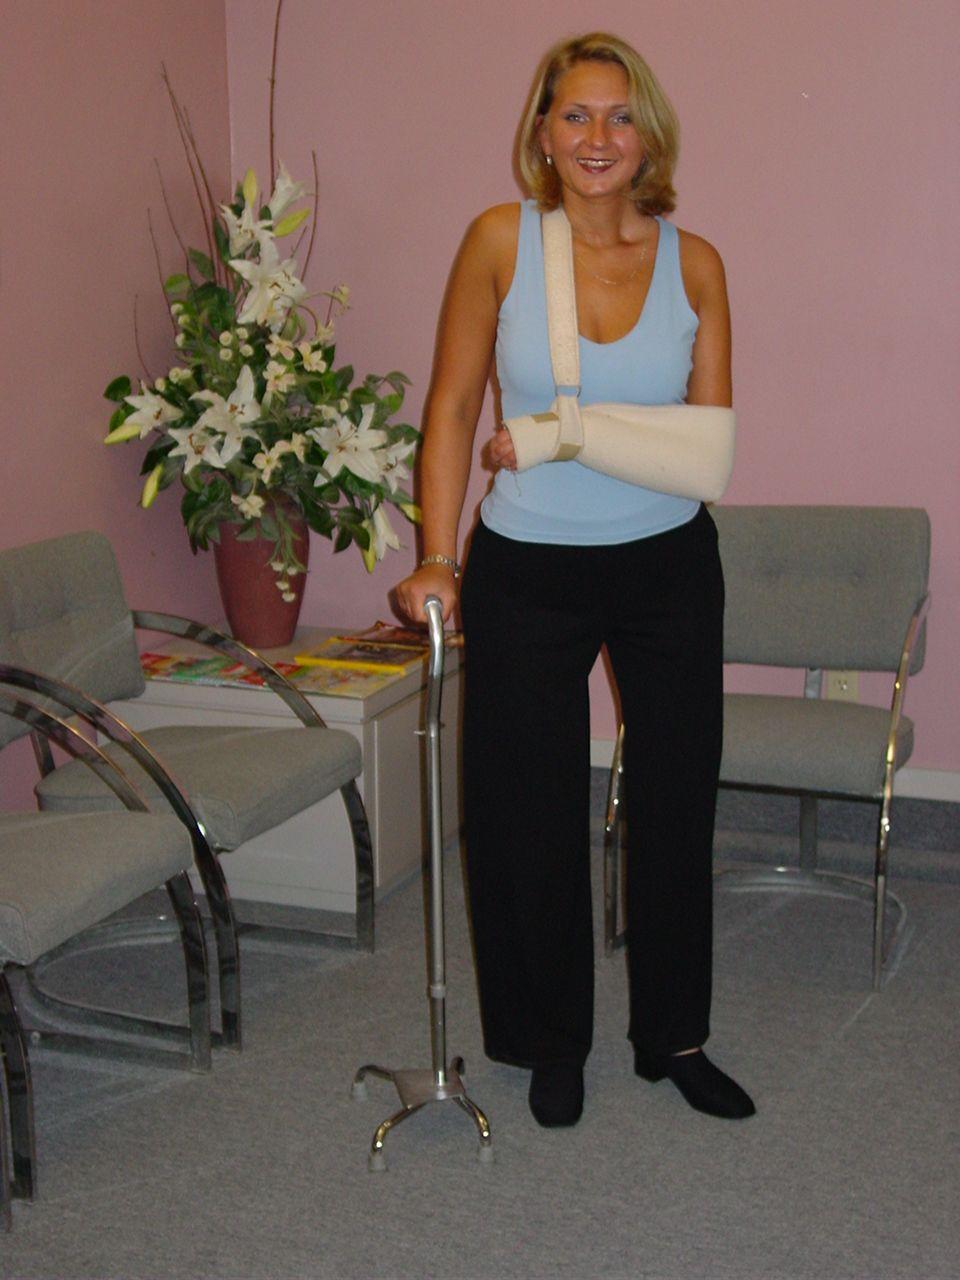 Inga standing wearing prosthetic legs